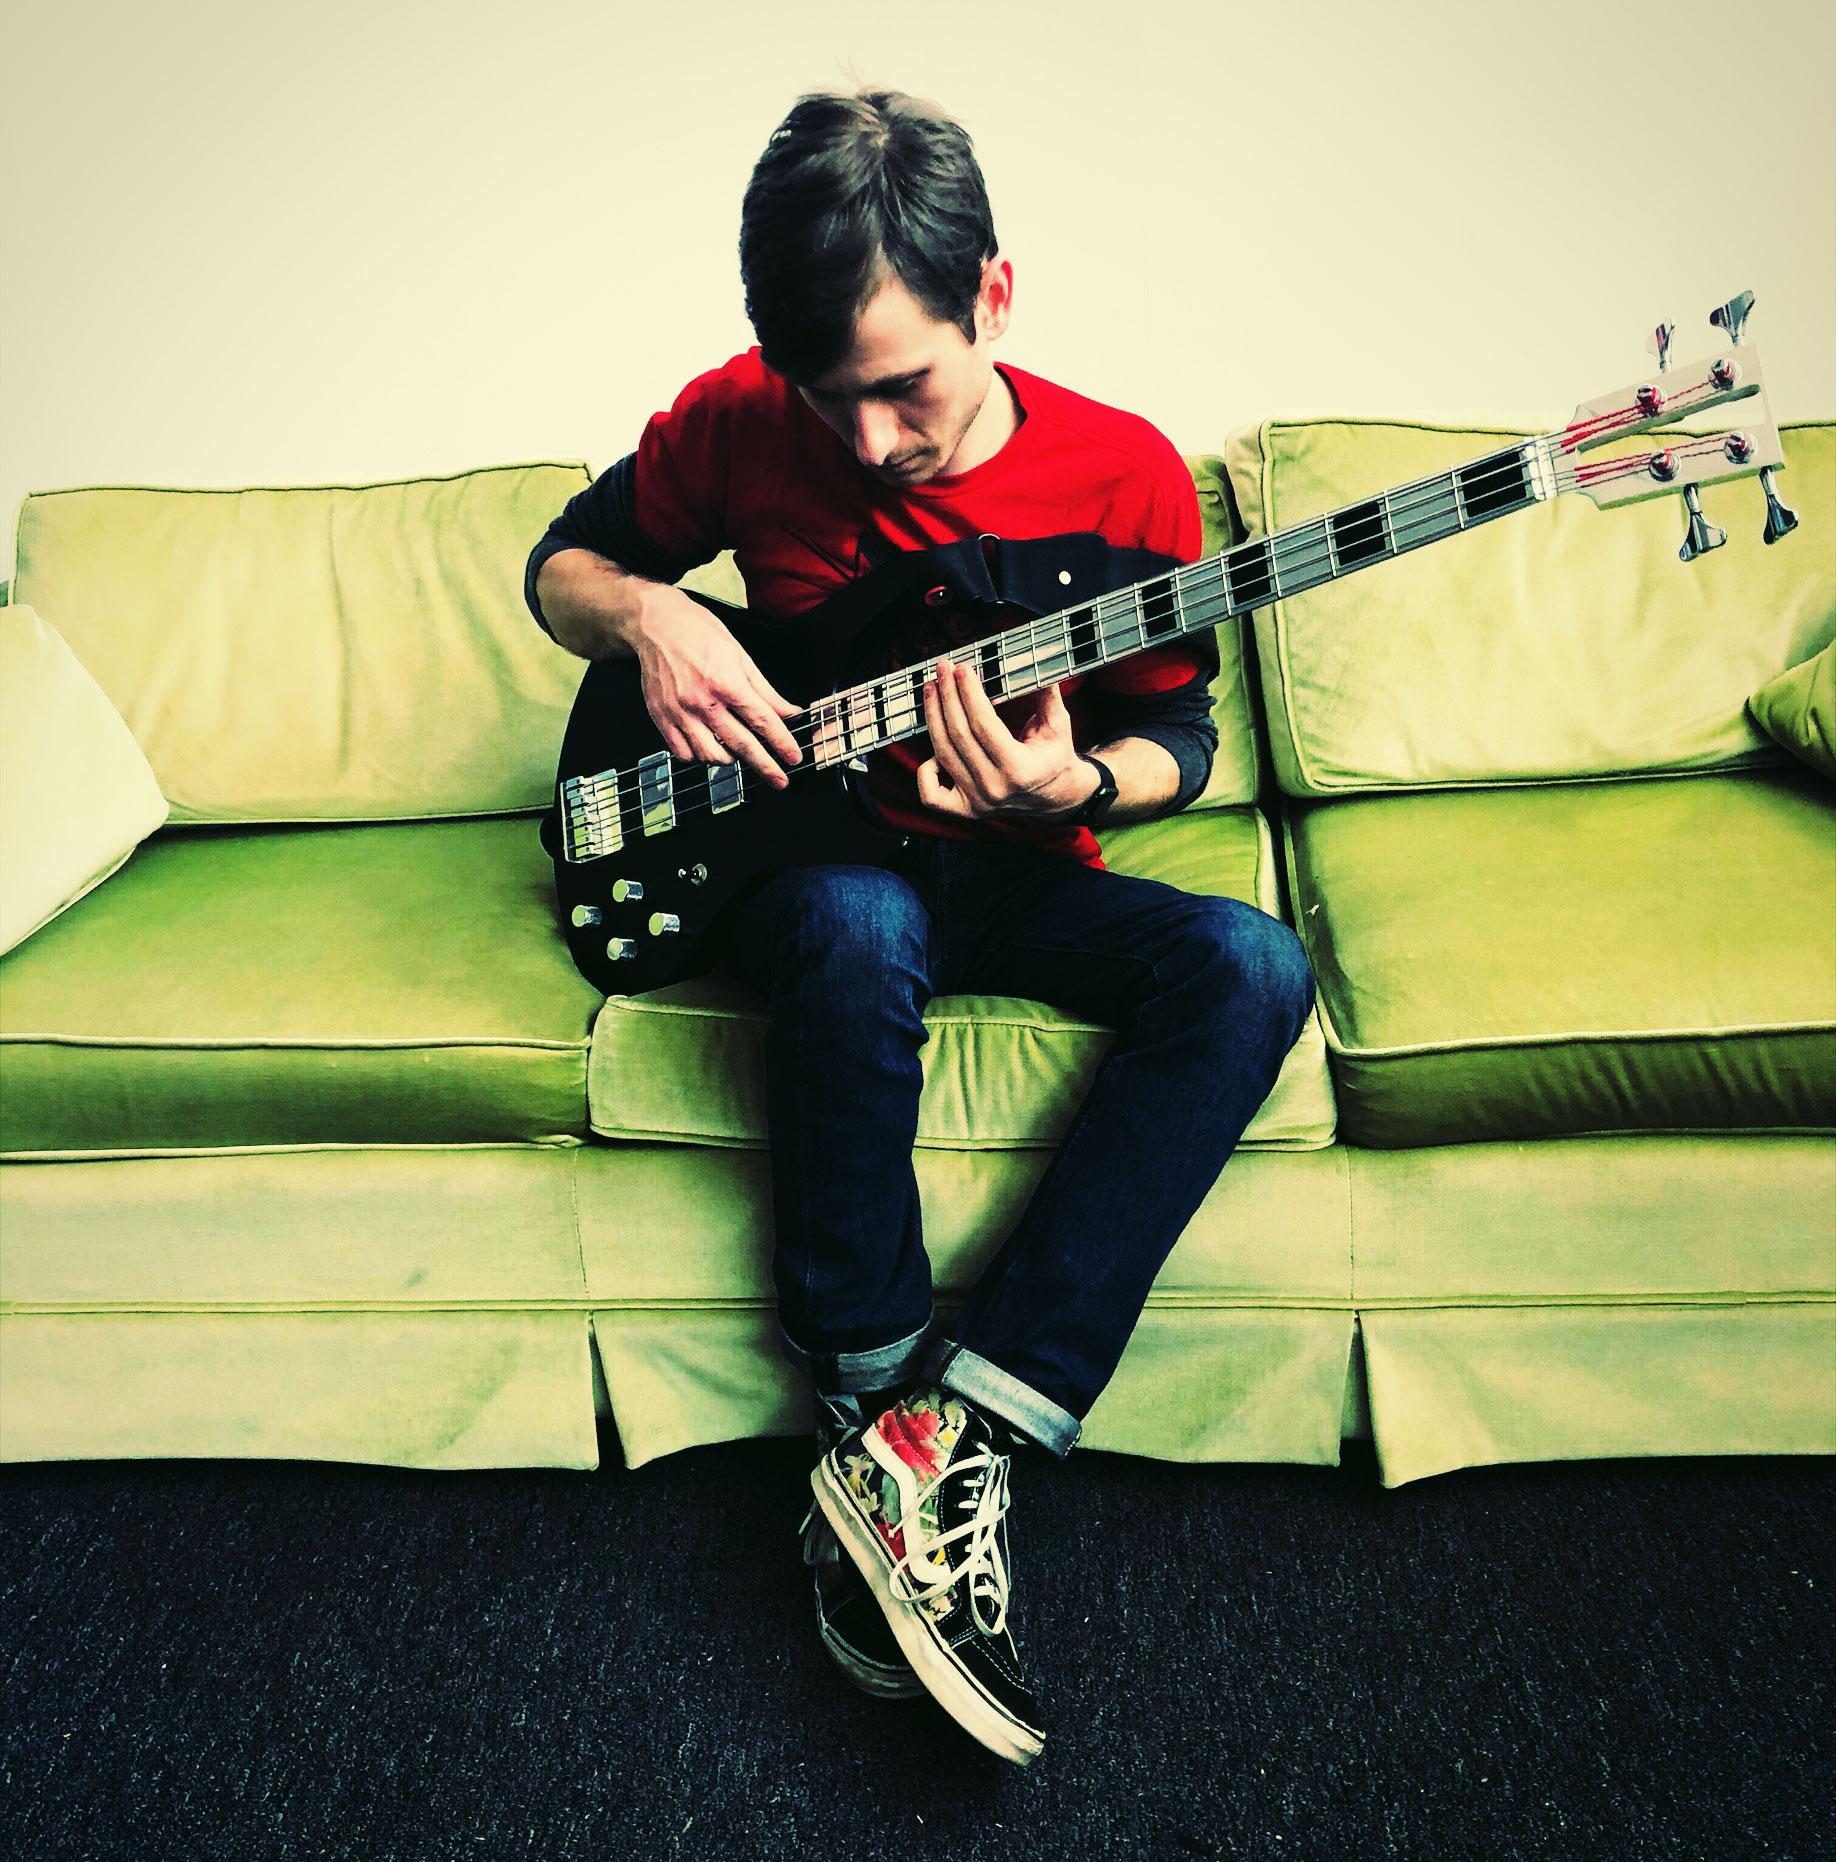 彼の大のお気に入り、Electric guitar CompanyのSeries One Bass